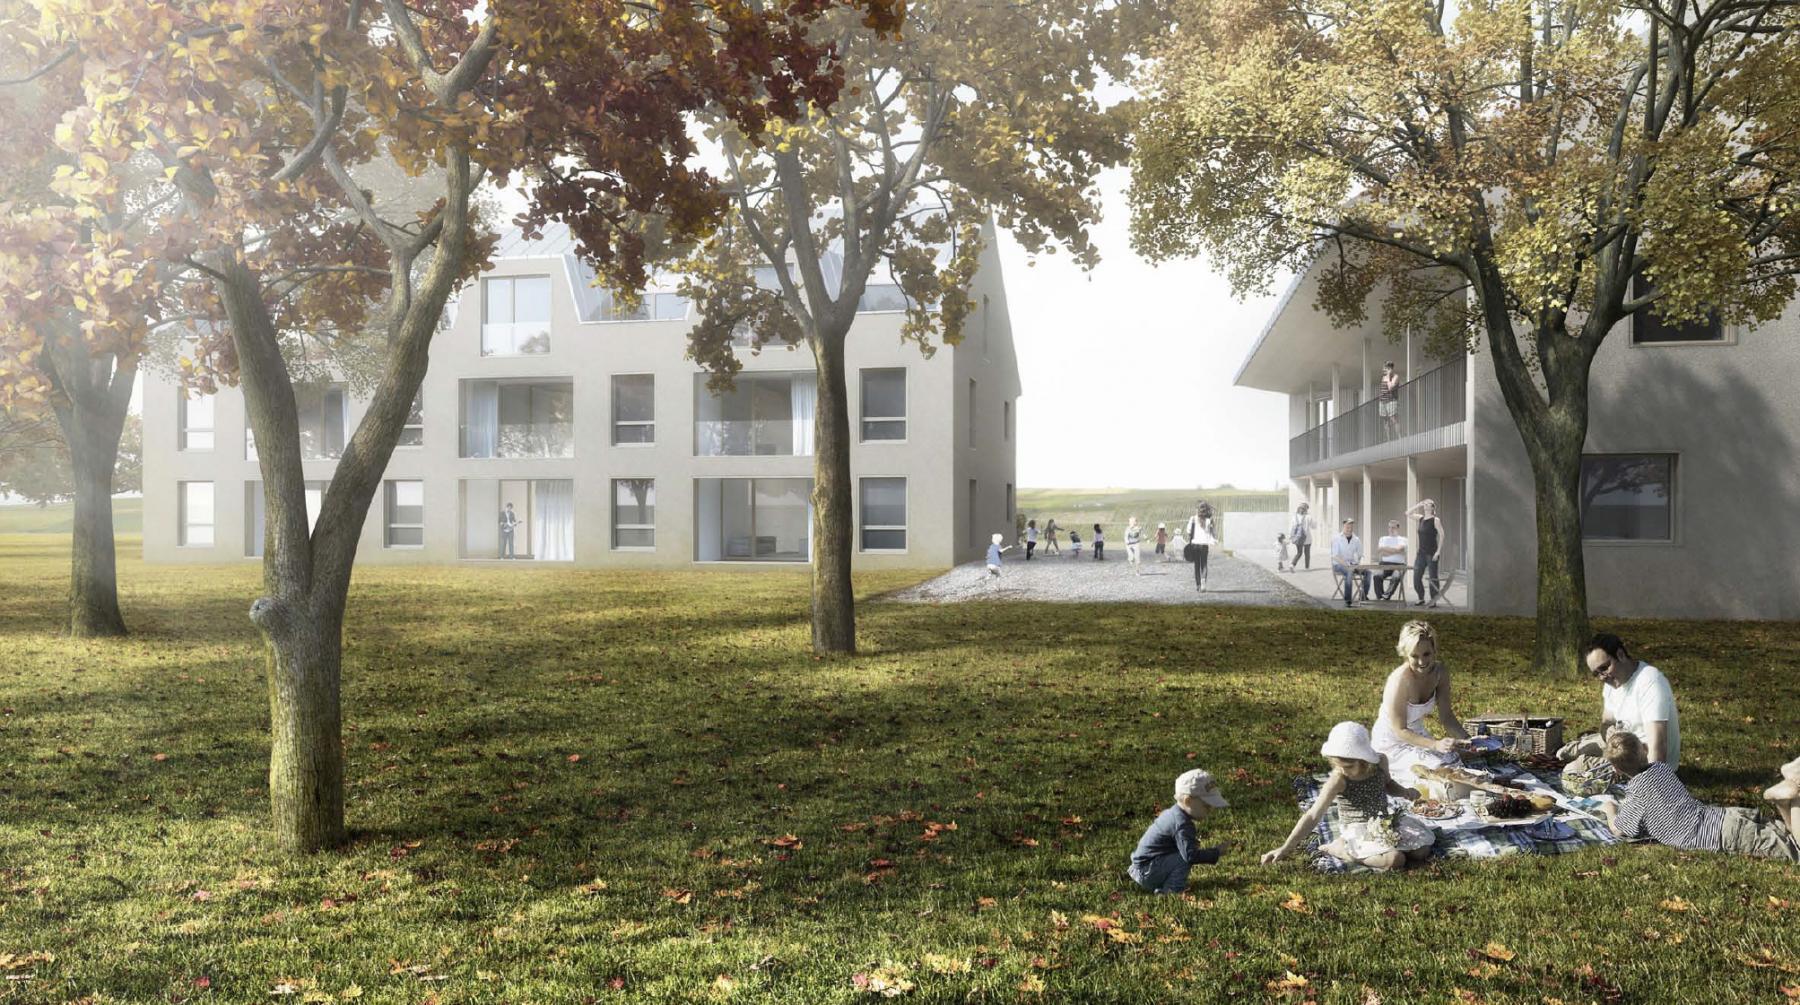 Construction de deux immeubles de logements communaux, Soral, Widmann architectes et Marchitecture / Ingeni, KABOUCHA